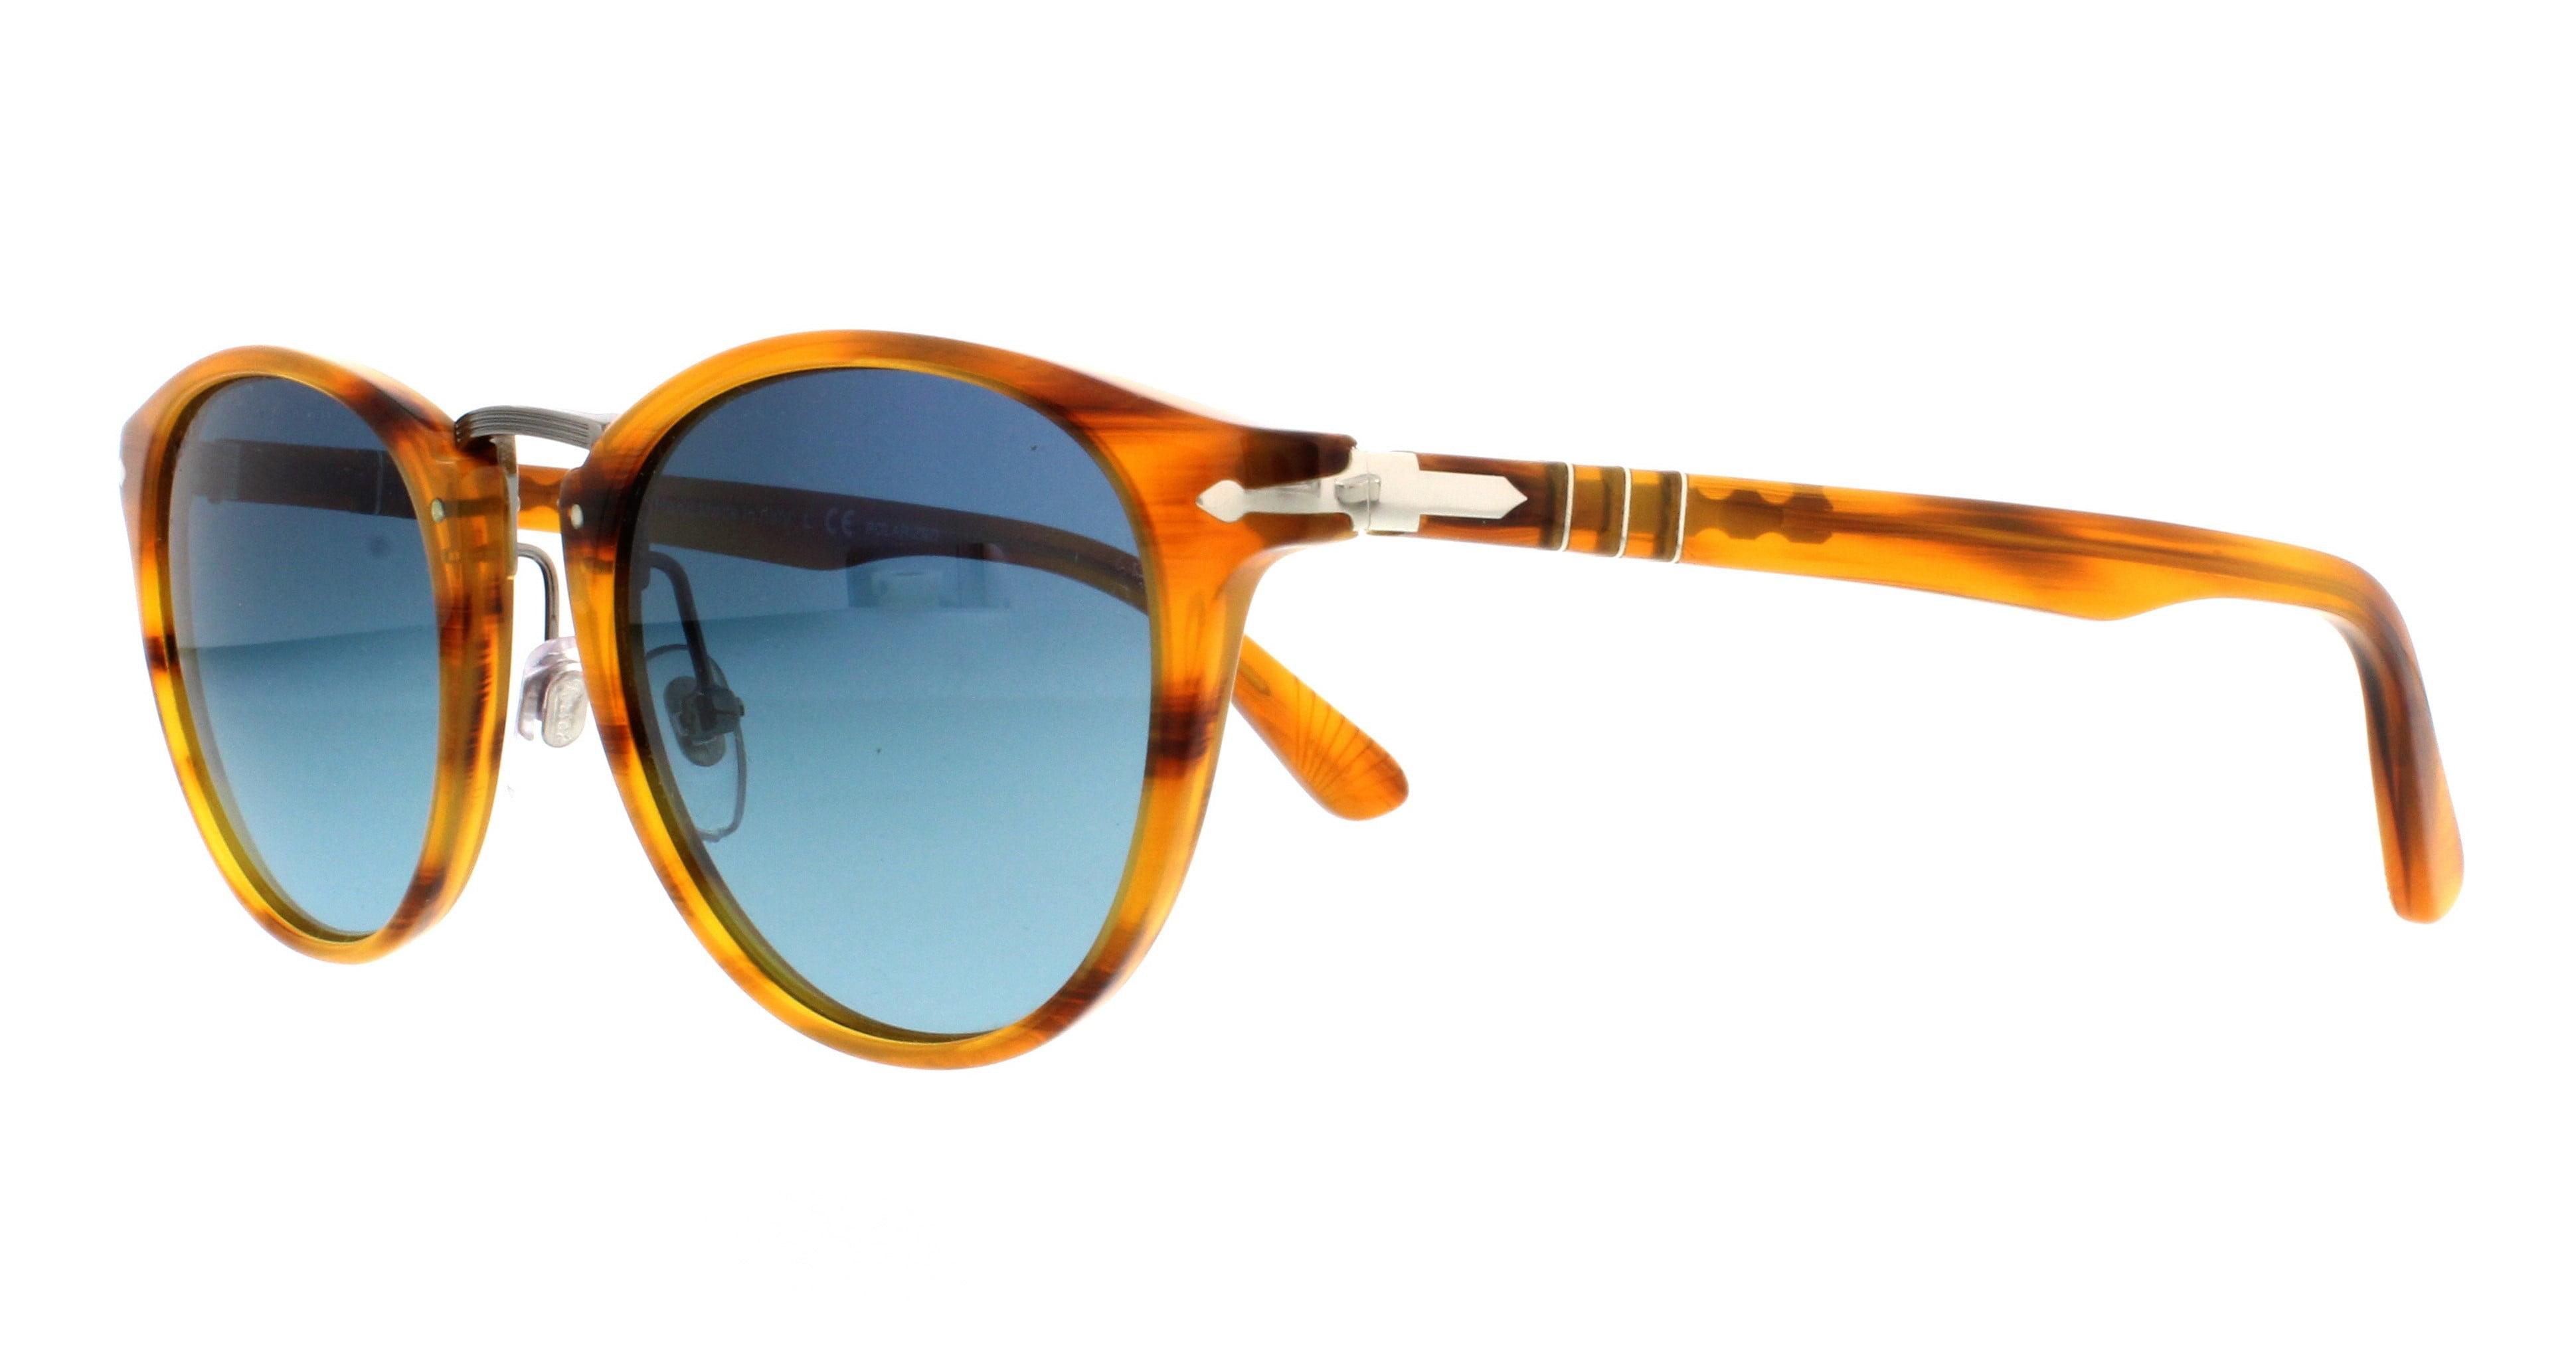 342f587501 Persol - PERSOL Sunglasses PO3108S 960 S3 Striped Brown 49MM - Walmart.com